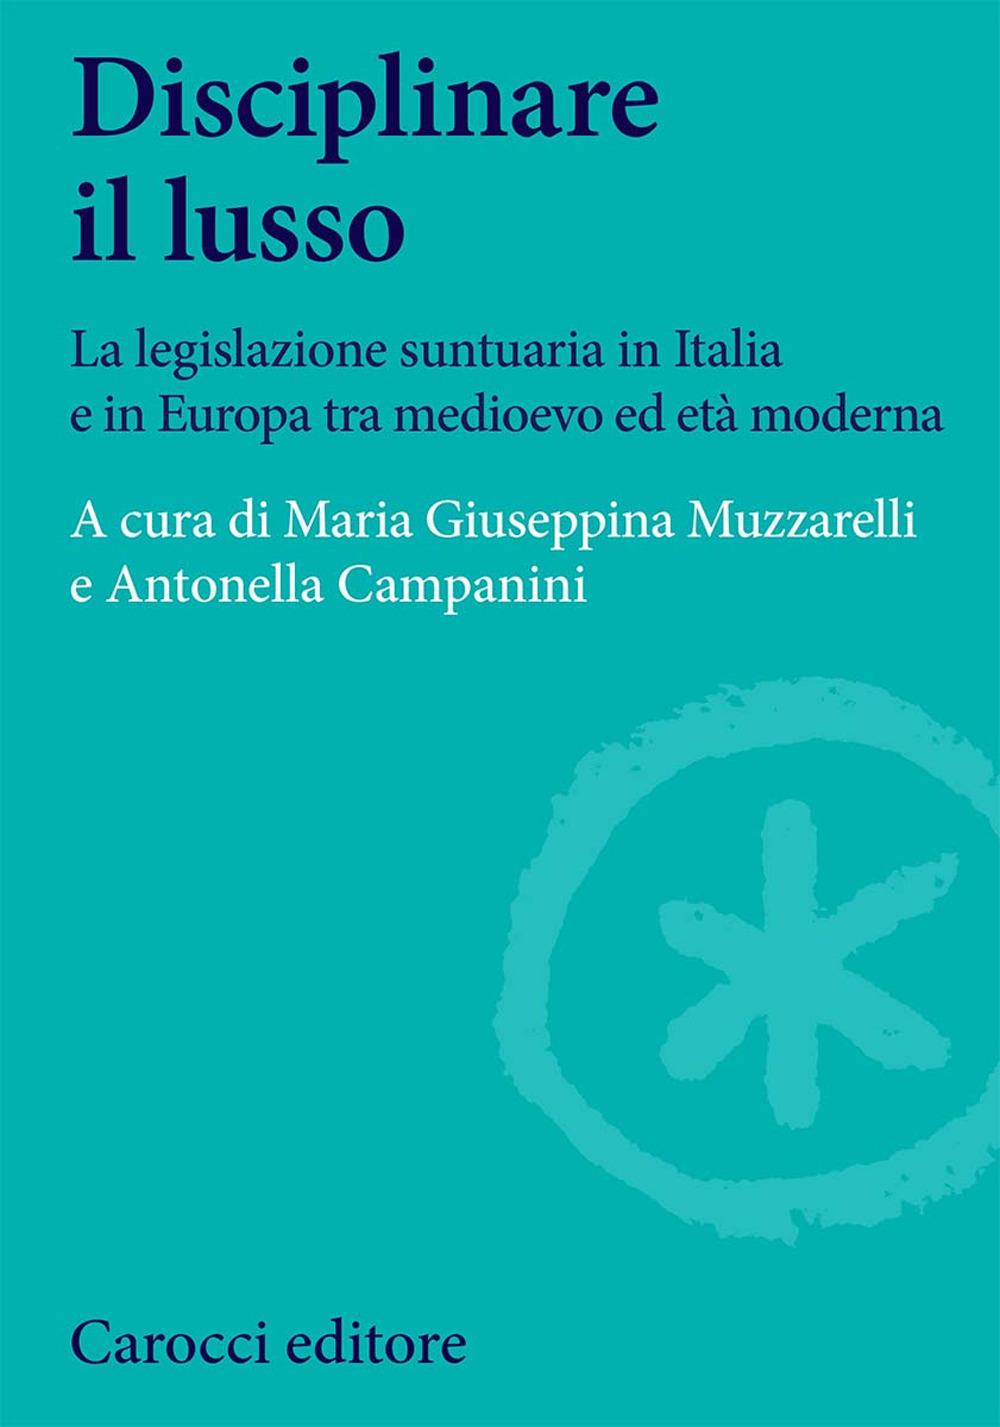 Disciplinare il lusso. La legislazione suntuaria in Italia e in Eu..